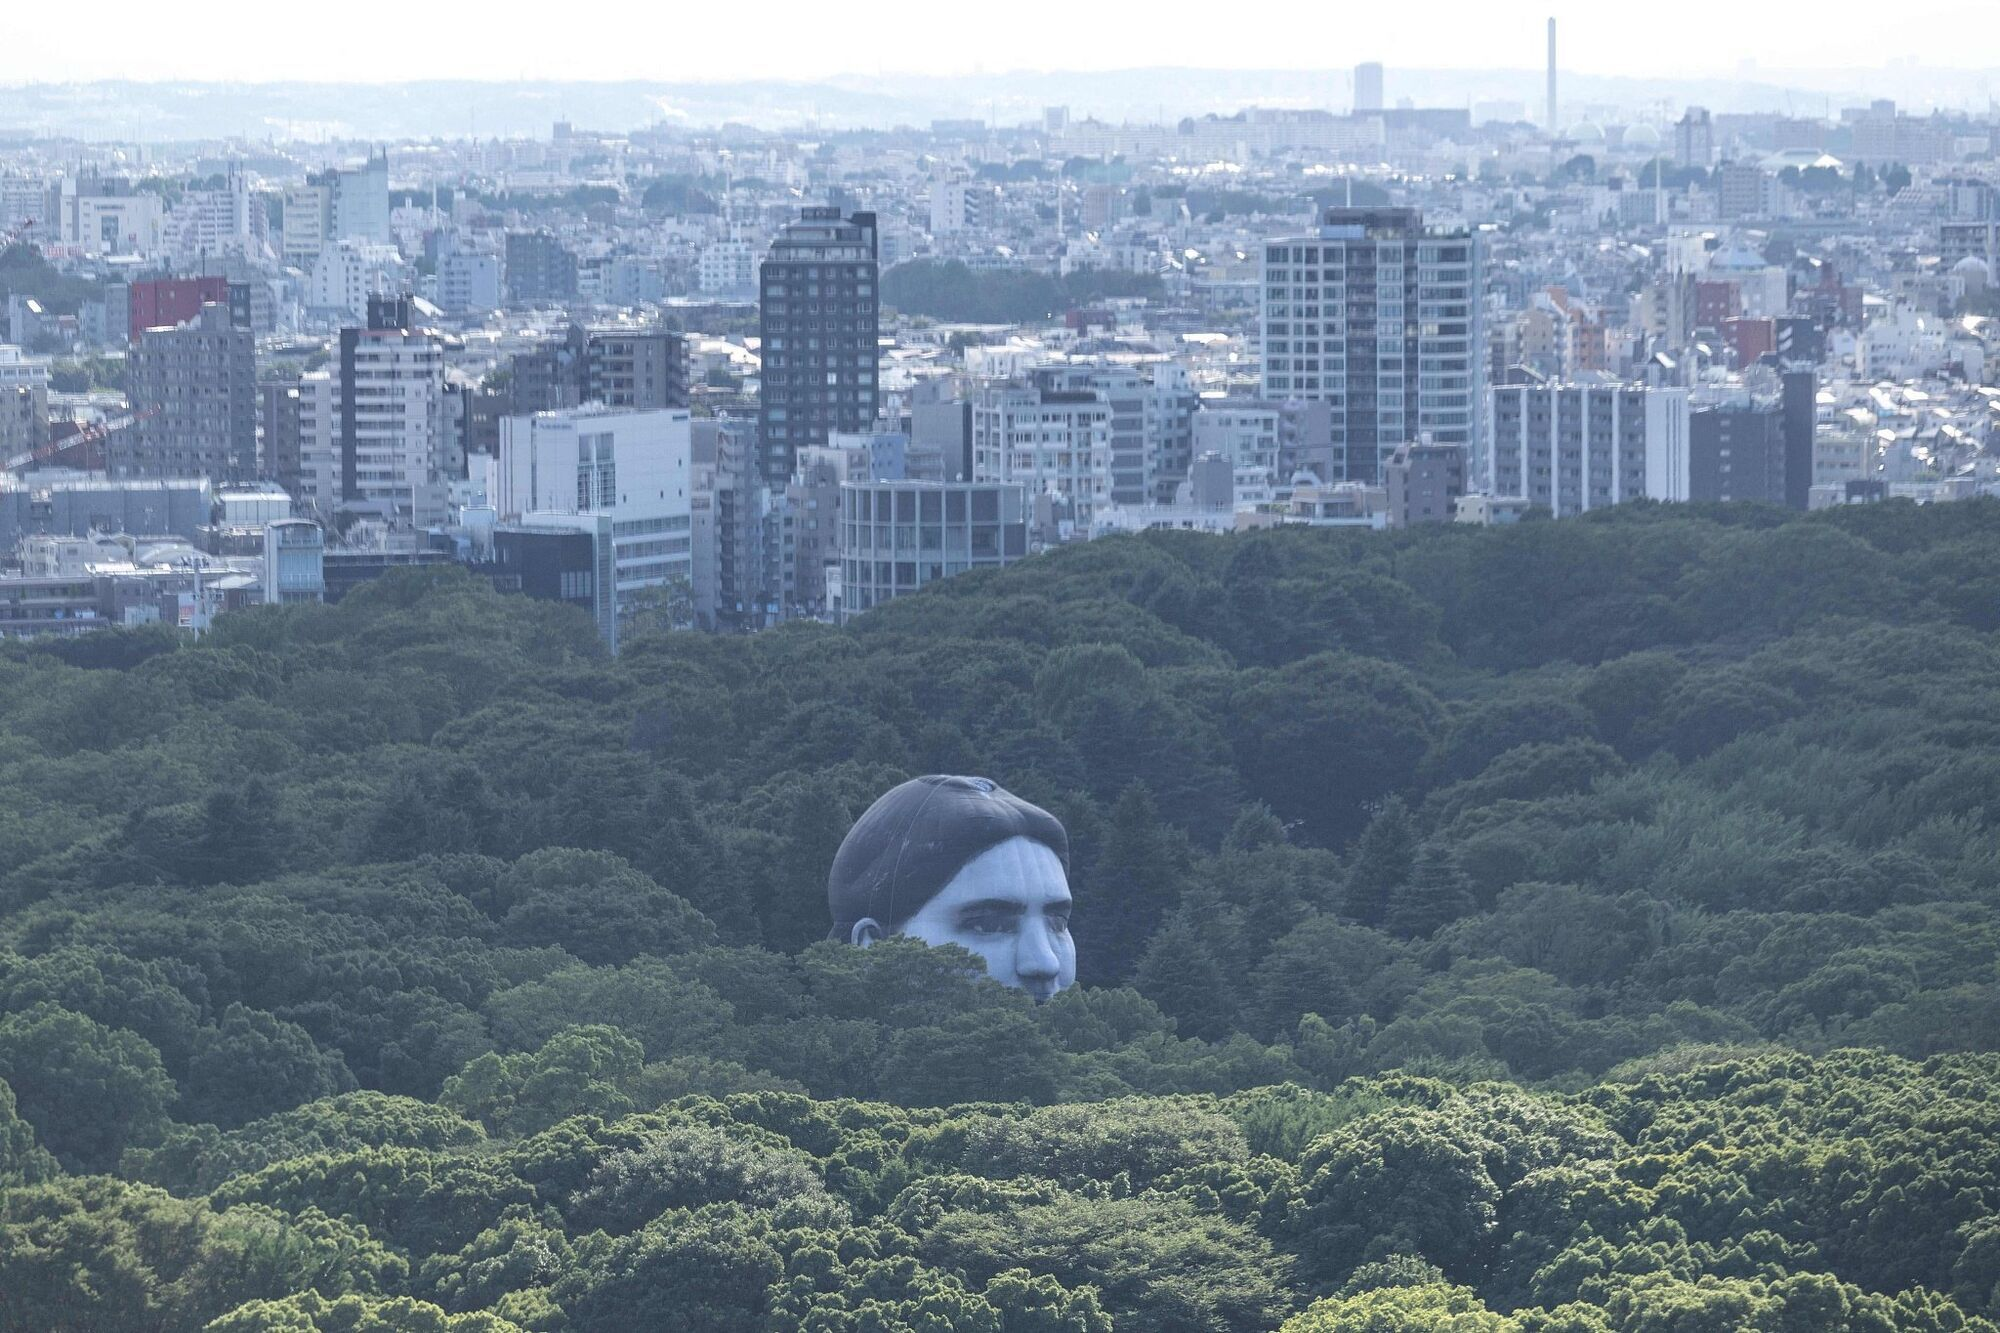 У Токіо встановили незвичайну повітряну кулю